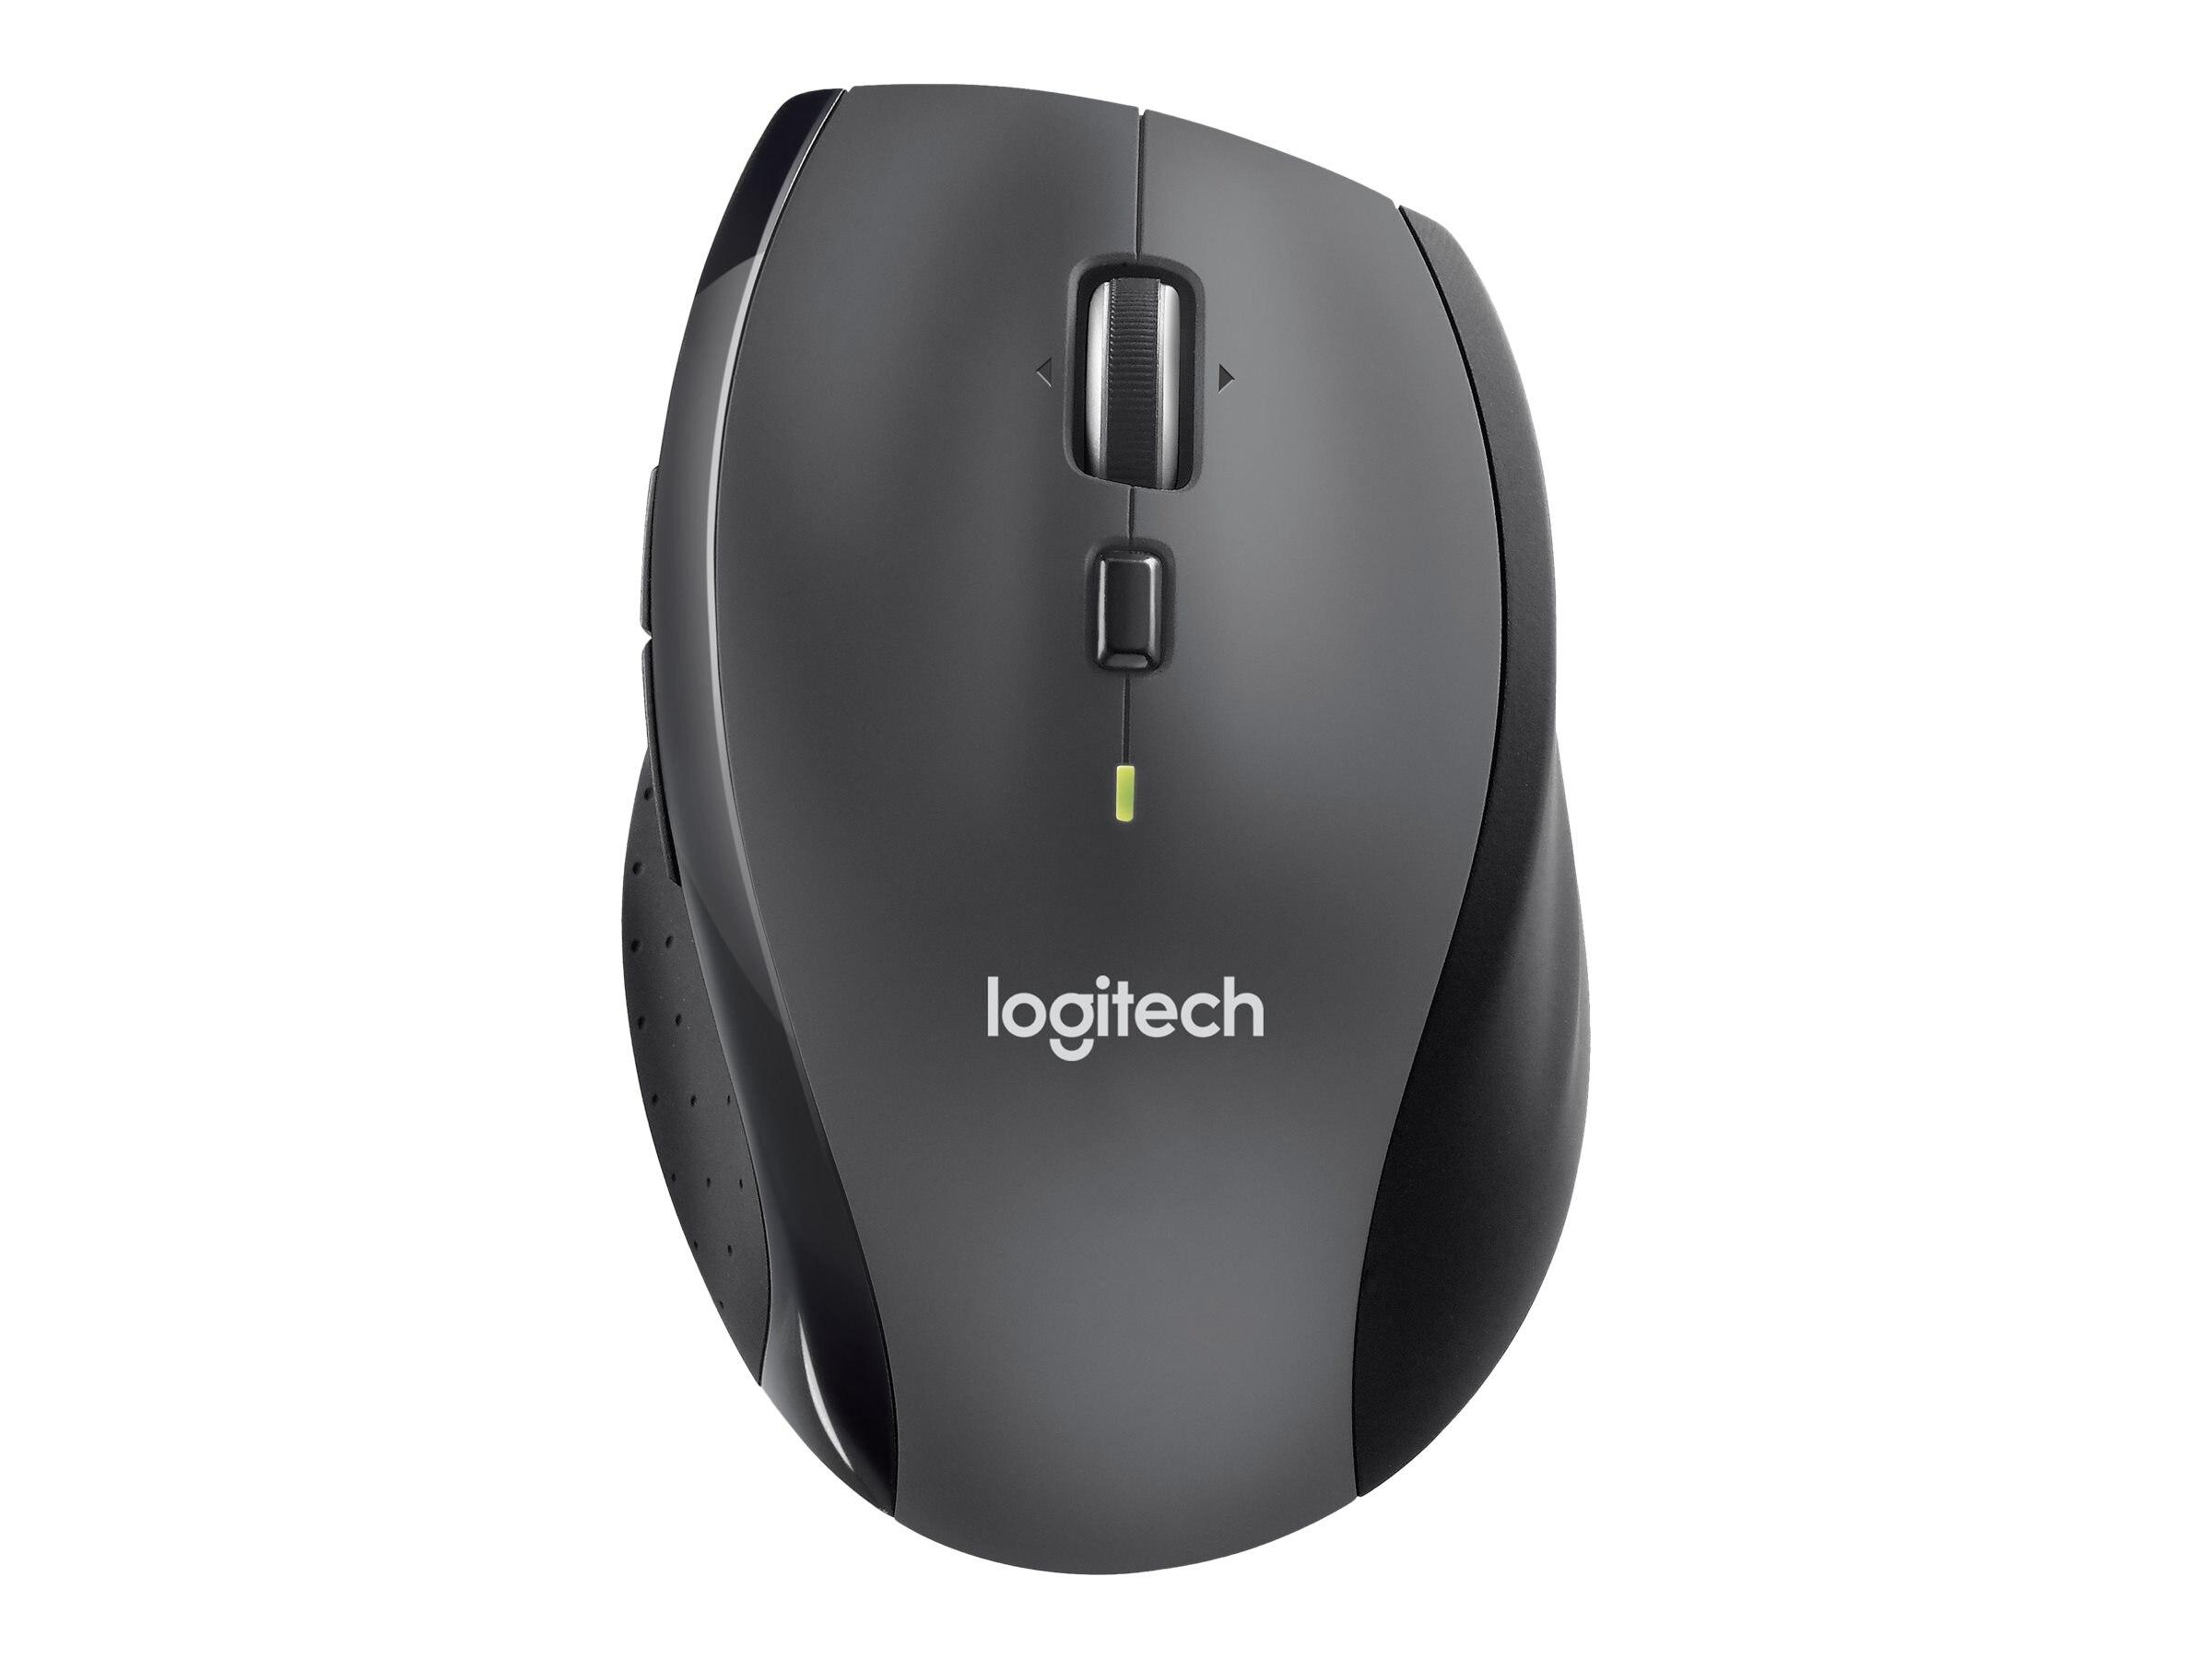 Logitech 2.4GHz Wireless M705 Marathon Mouse, 910-001935, 11678976, Mice & Cursor Control Devices